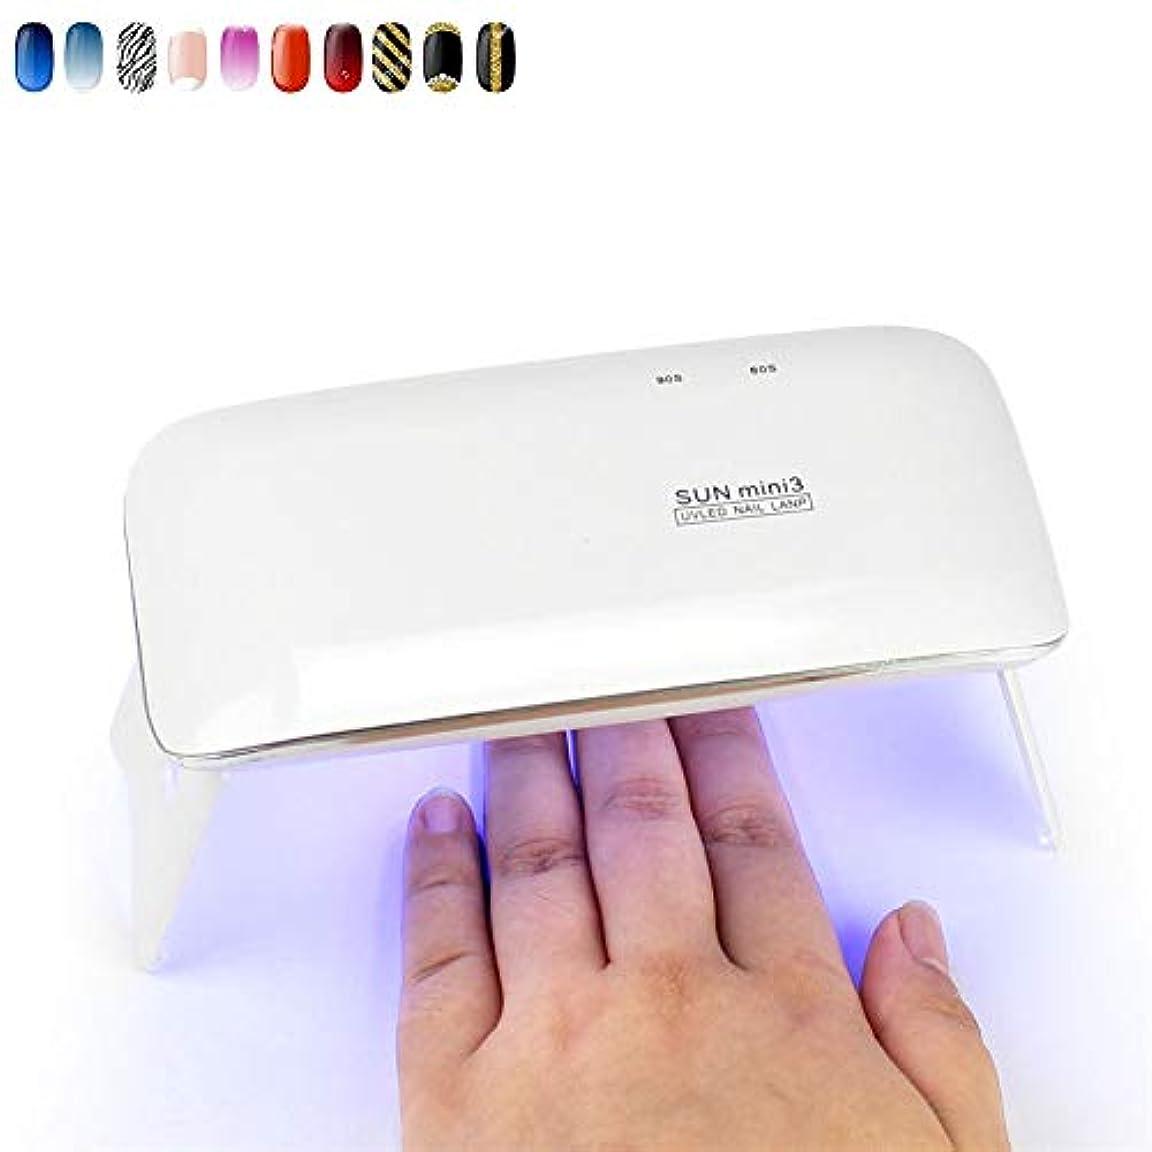 家事をする幹古いネイル用ランプおよびジェルポリッシュランプLEDミニネイルスタッドライト6W USB充電ネイルドライヤー高速硬化ジェルワニス